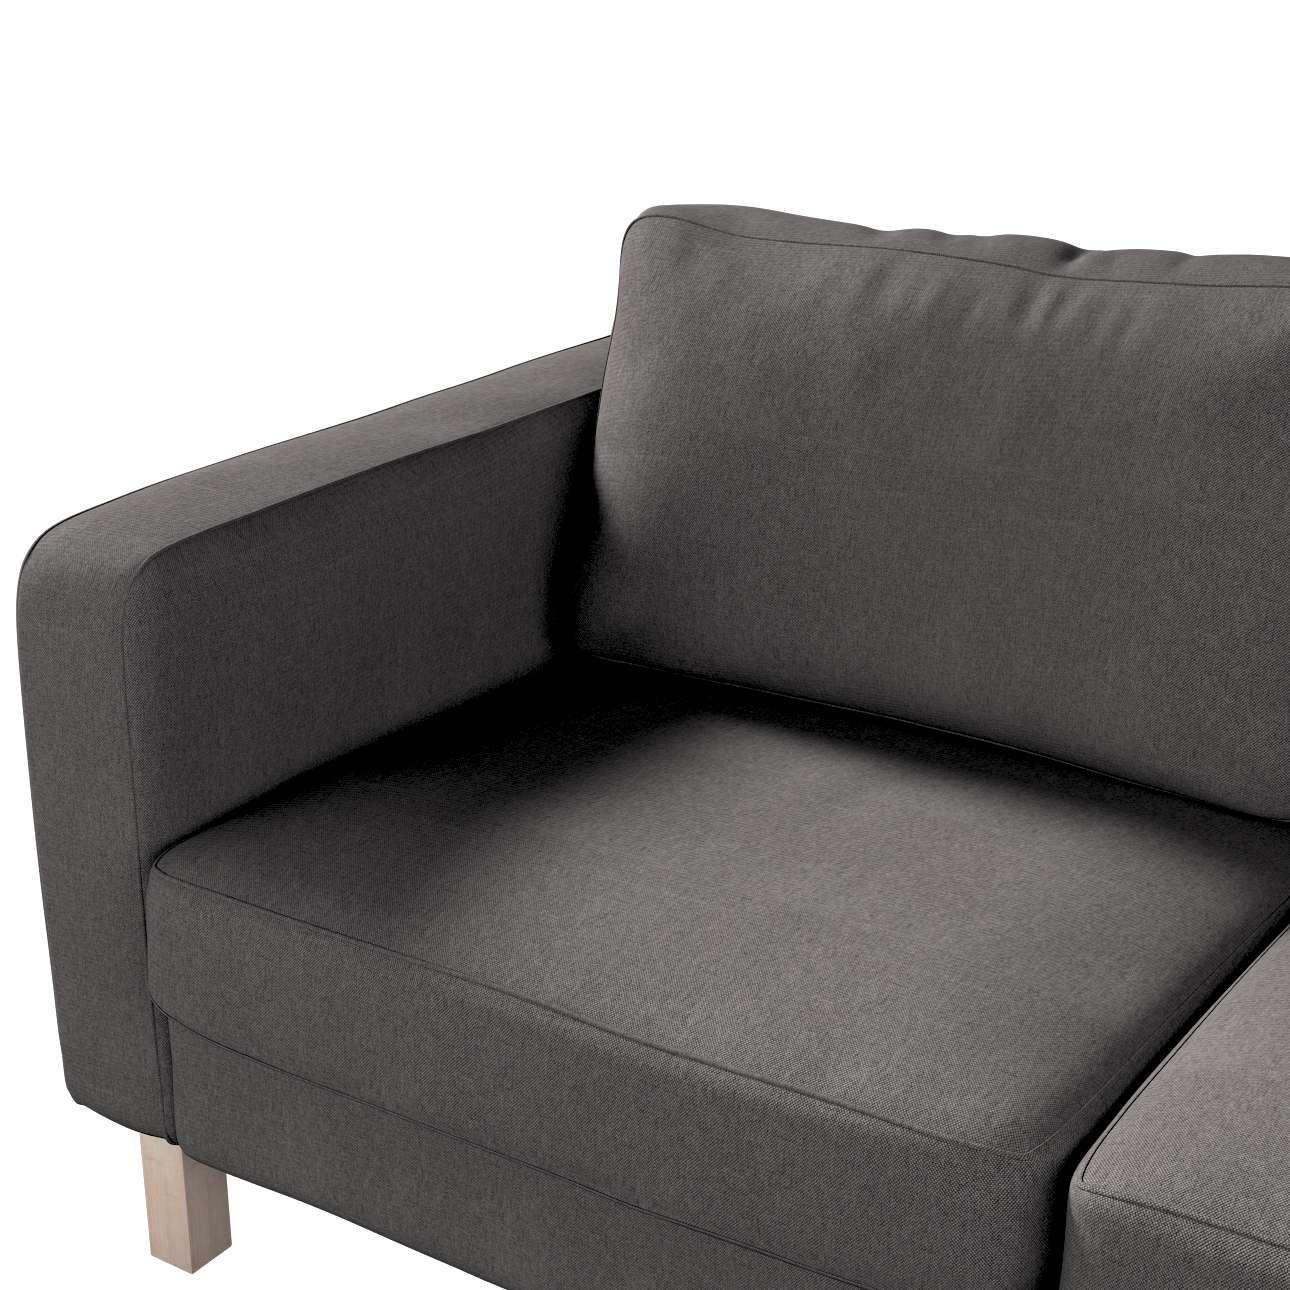 Pokrowiec na sofę Karlstad 2-osobową nierozkładaną krótki w kolekcji Etna, tkanina: 705-35